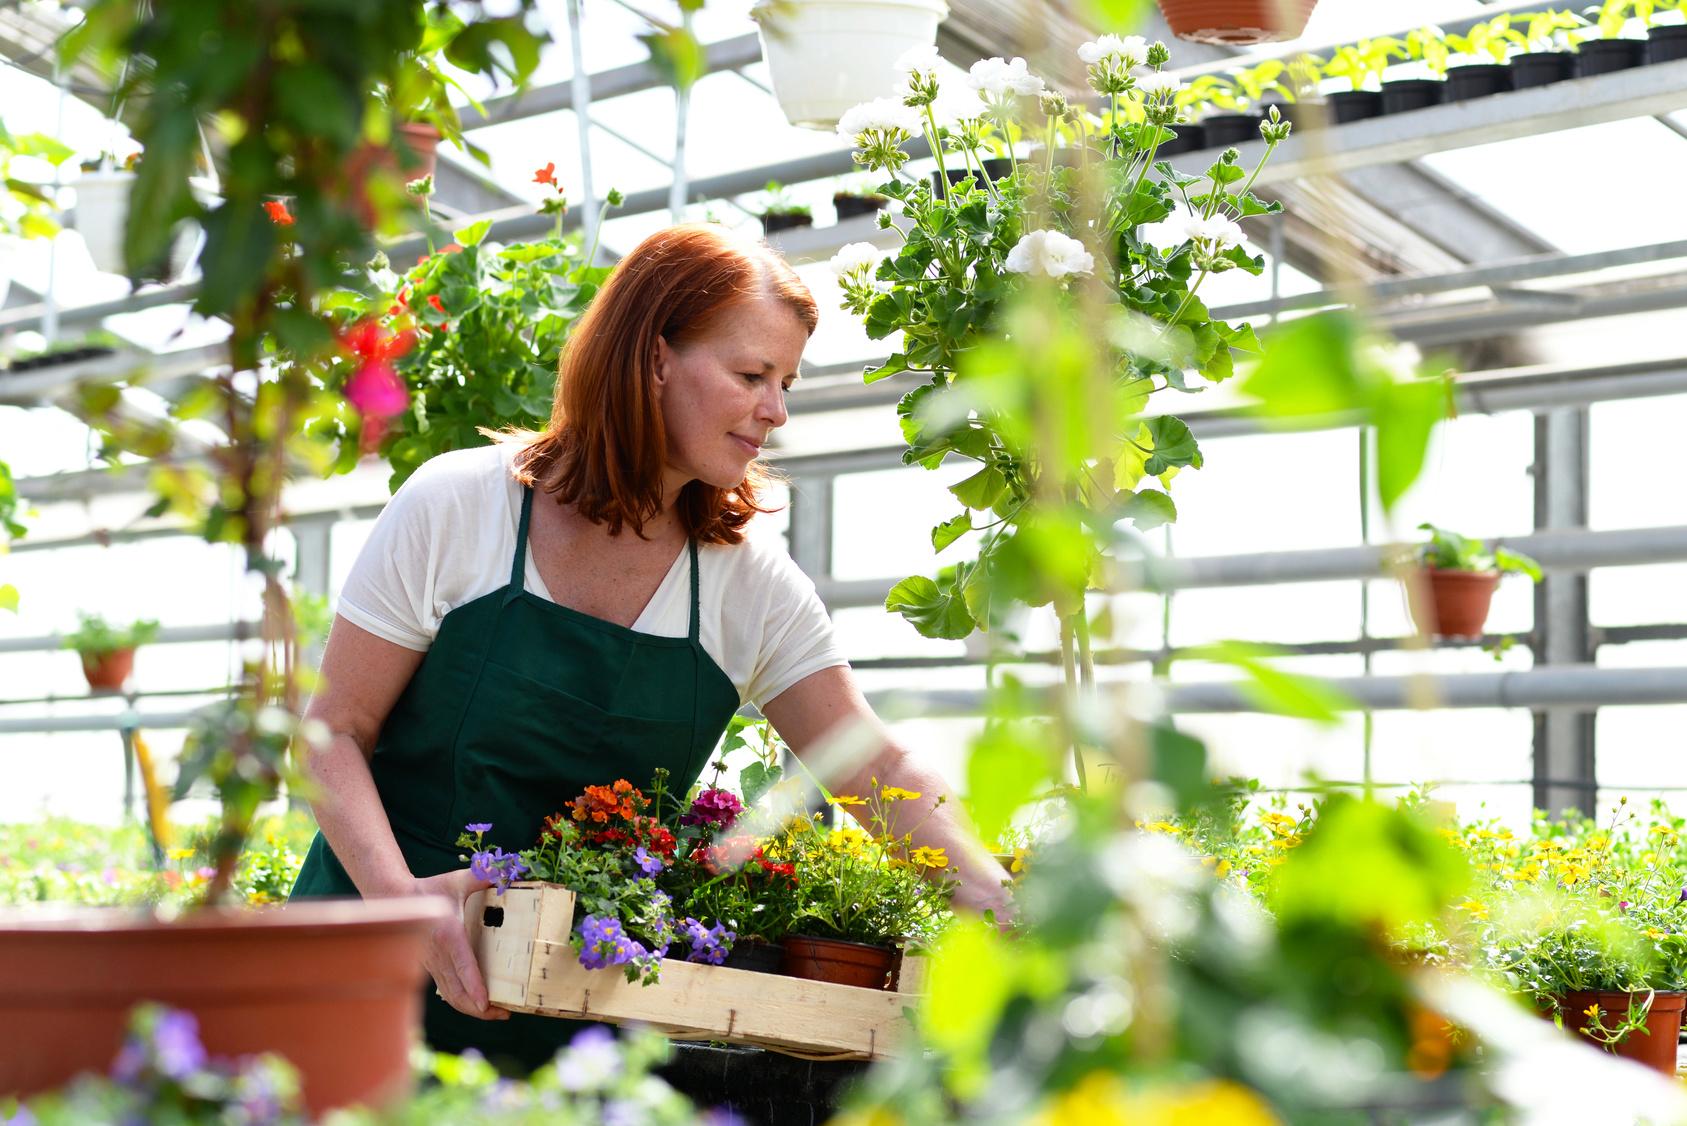 Ausbildung Gärtner Gehalt